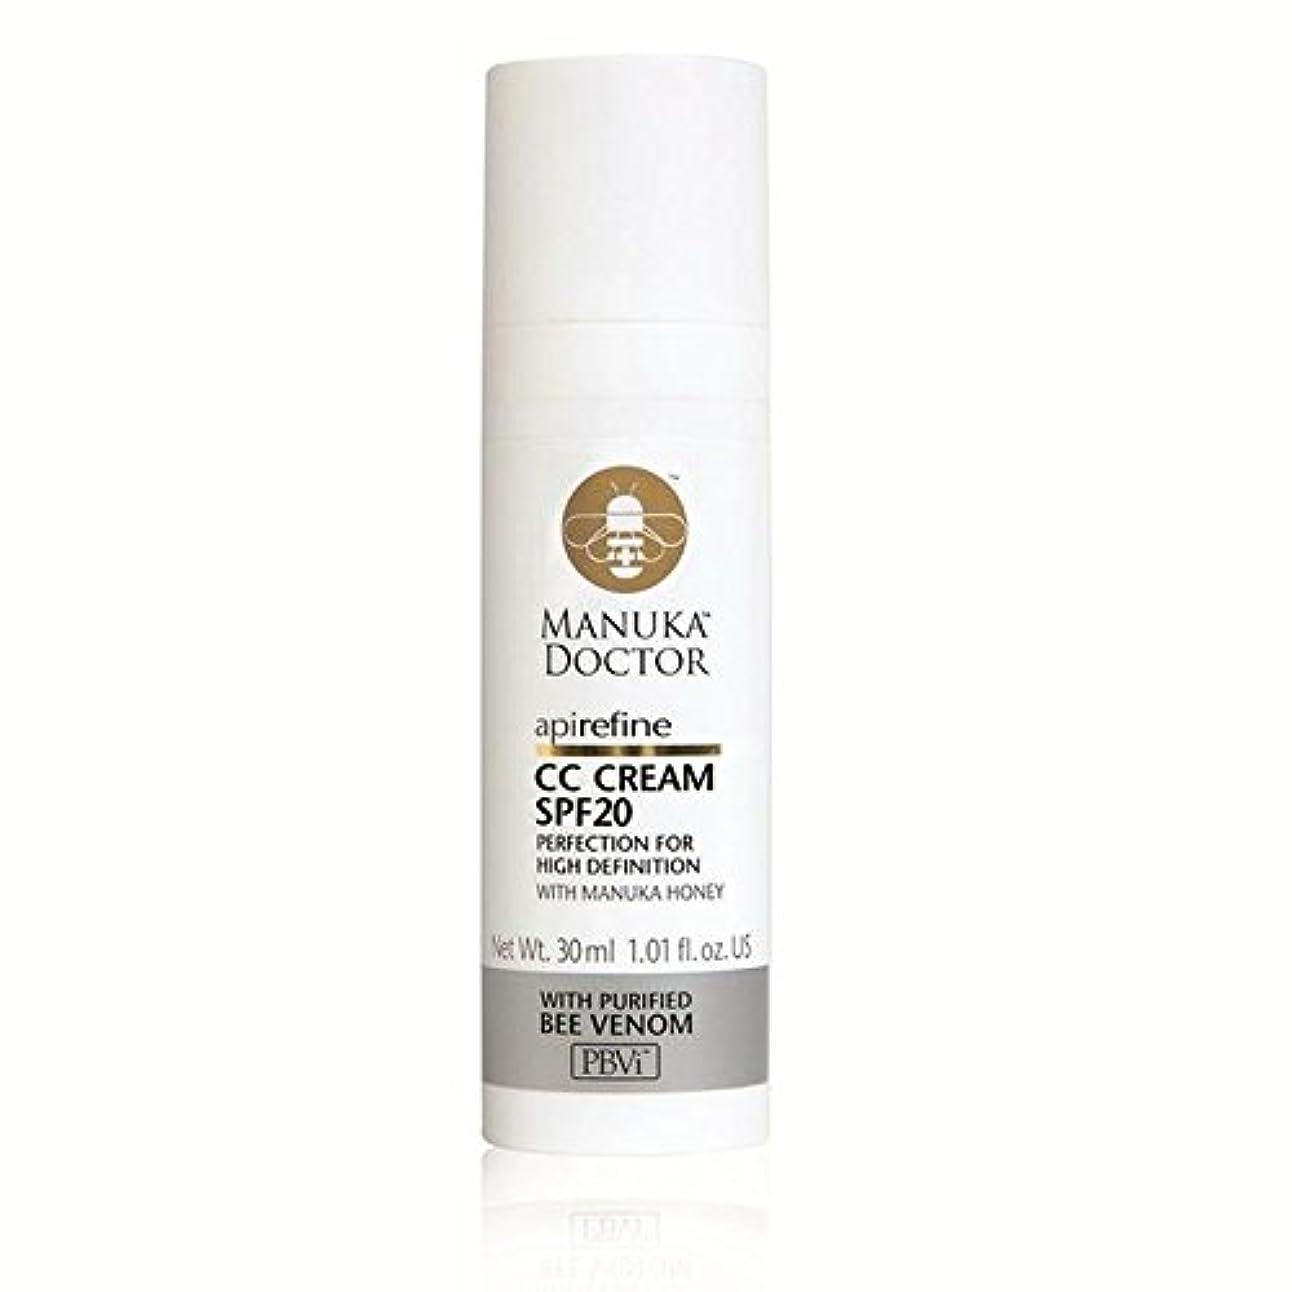 める早める有益20 30ミリリットルとマヌカドクターリファインクリーム x2 - Manuka Doctor Api Refine CC Cream with SPF20 30ml (Pack of 2) [並行輸入品]